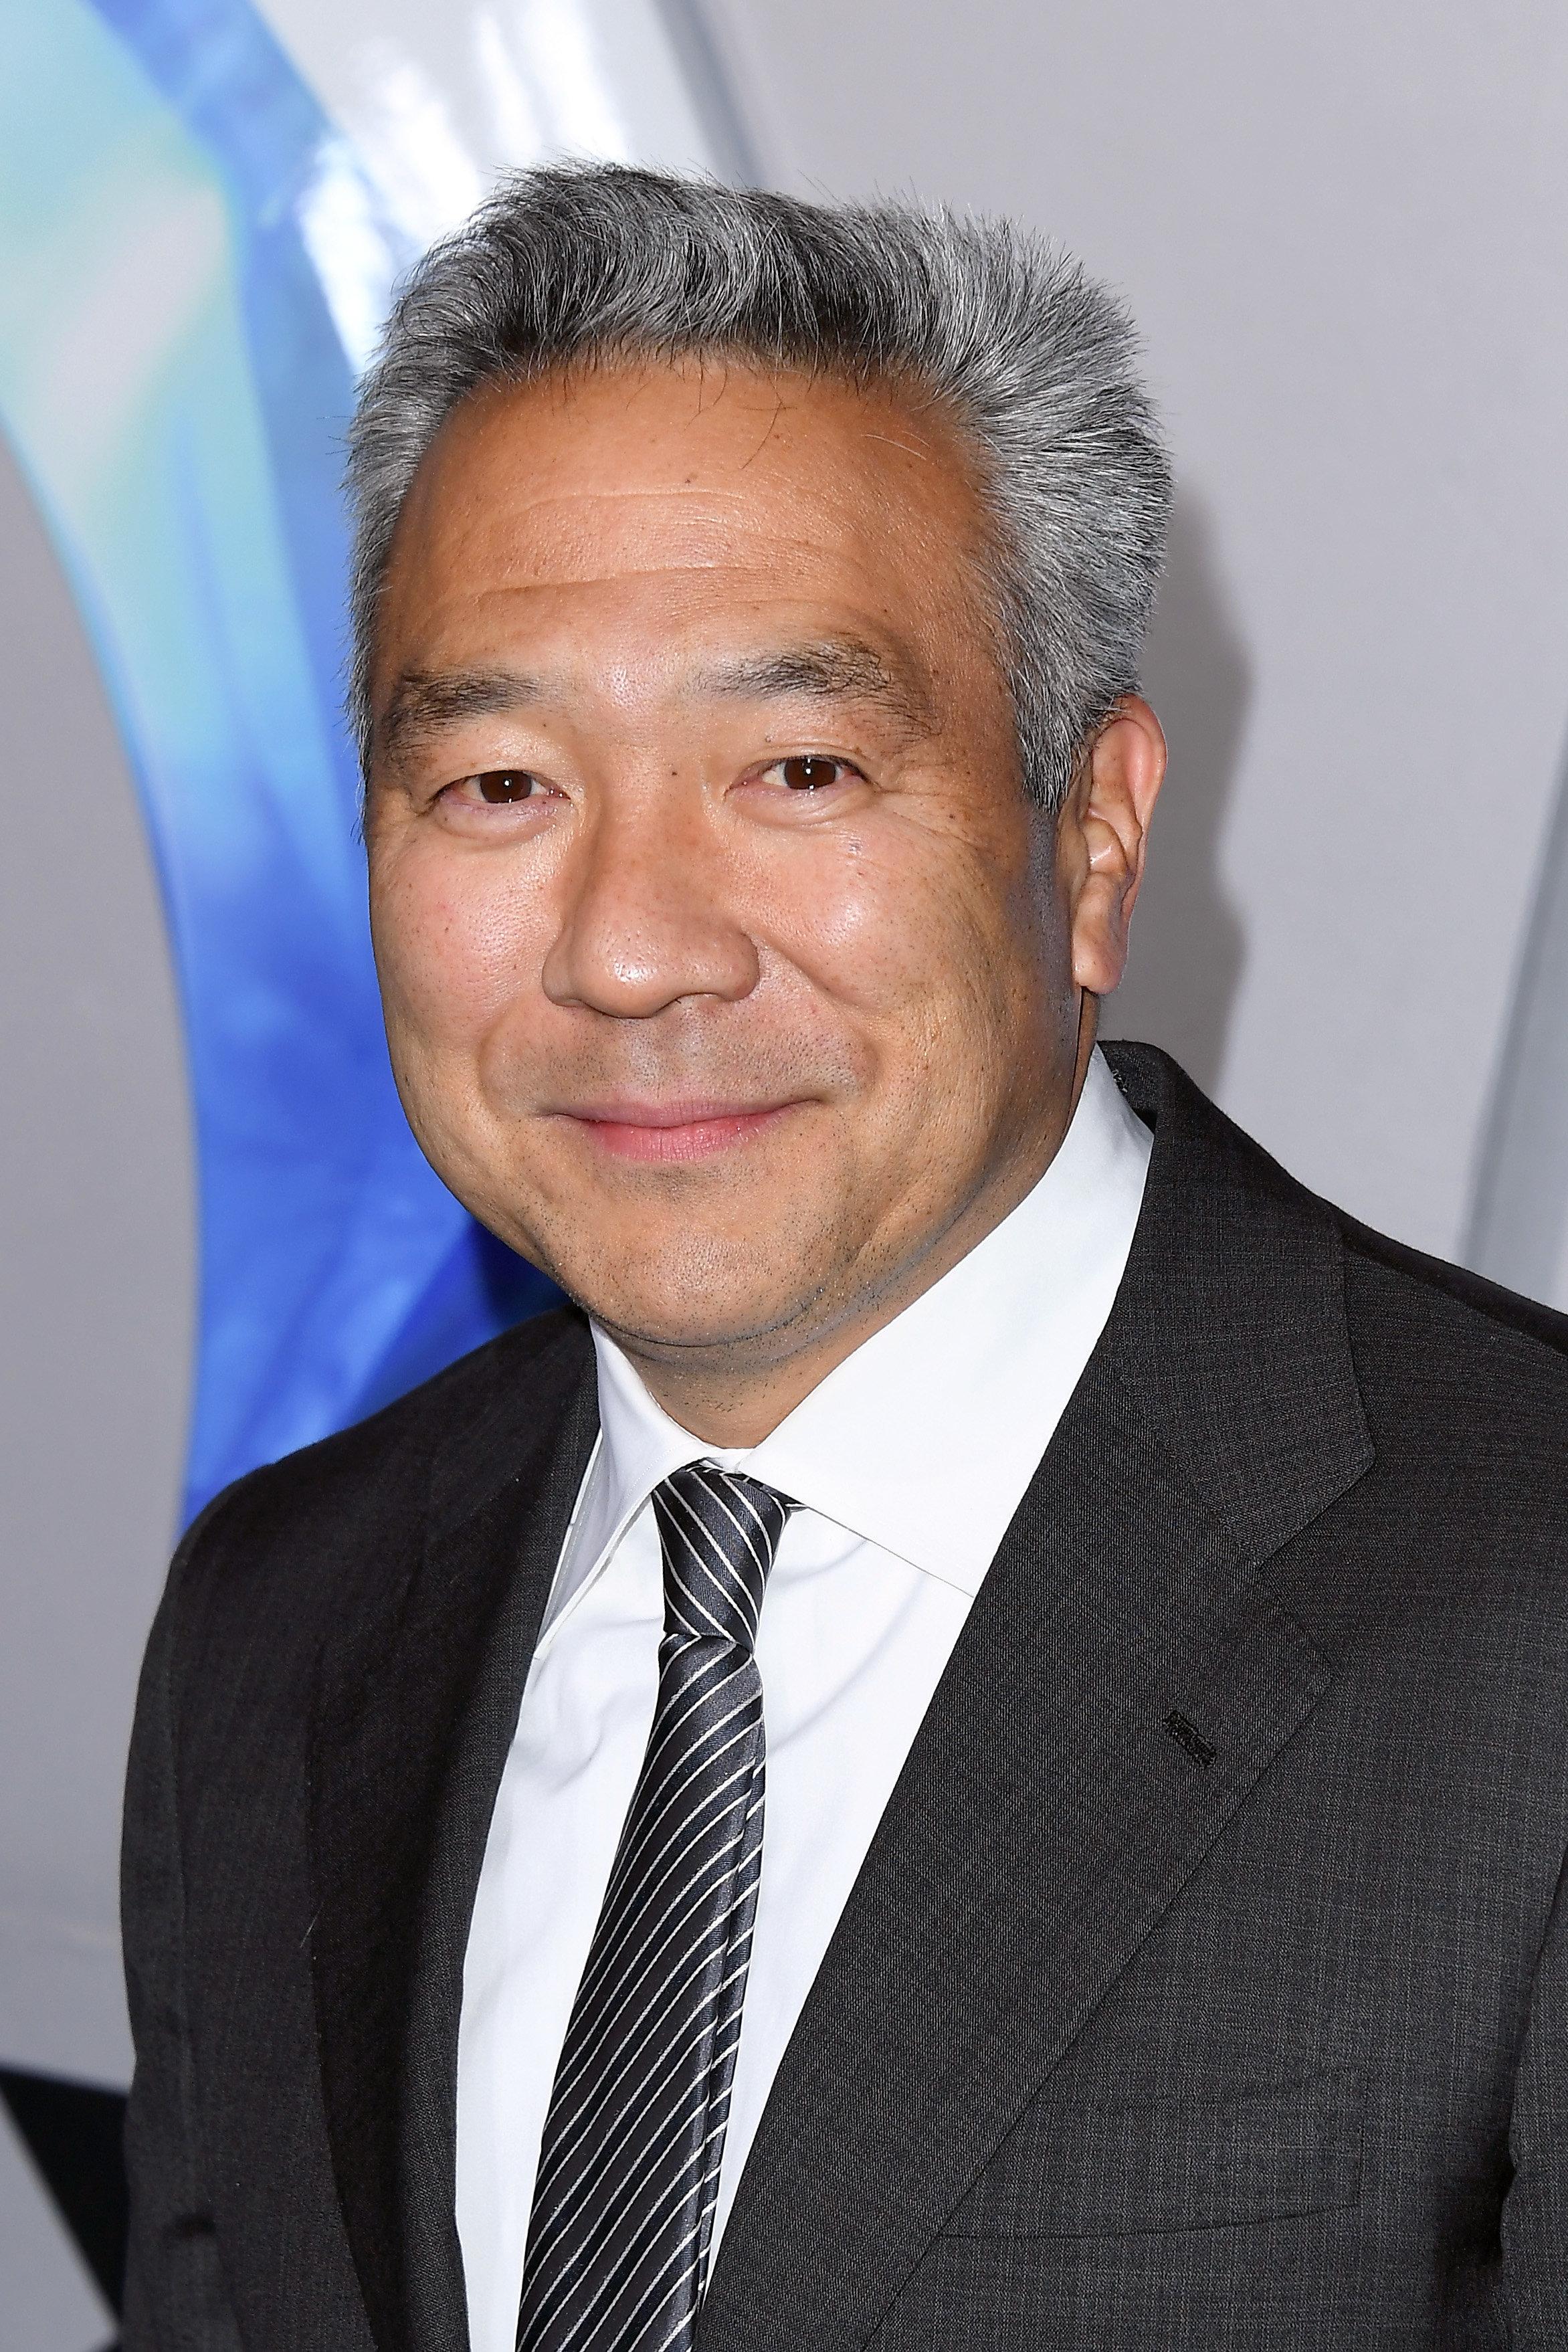 Warner Bros. CEO Kevin Tsujihara Resigns Amid Sexual Misconduct Scandal